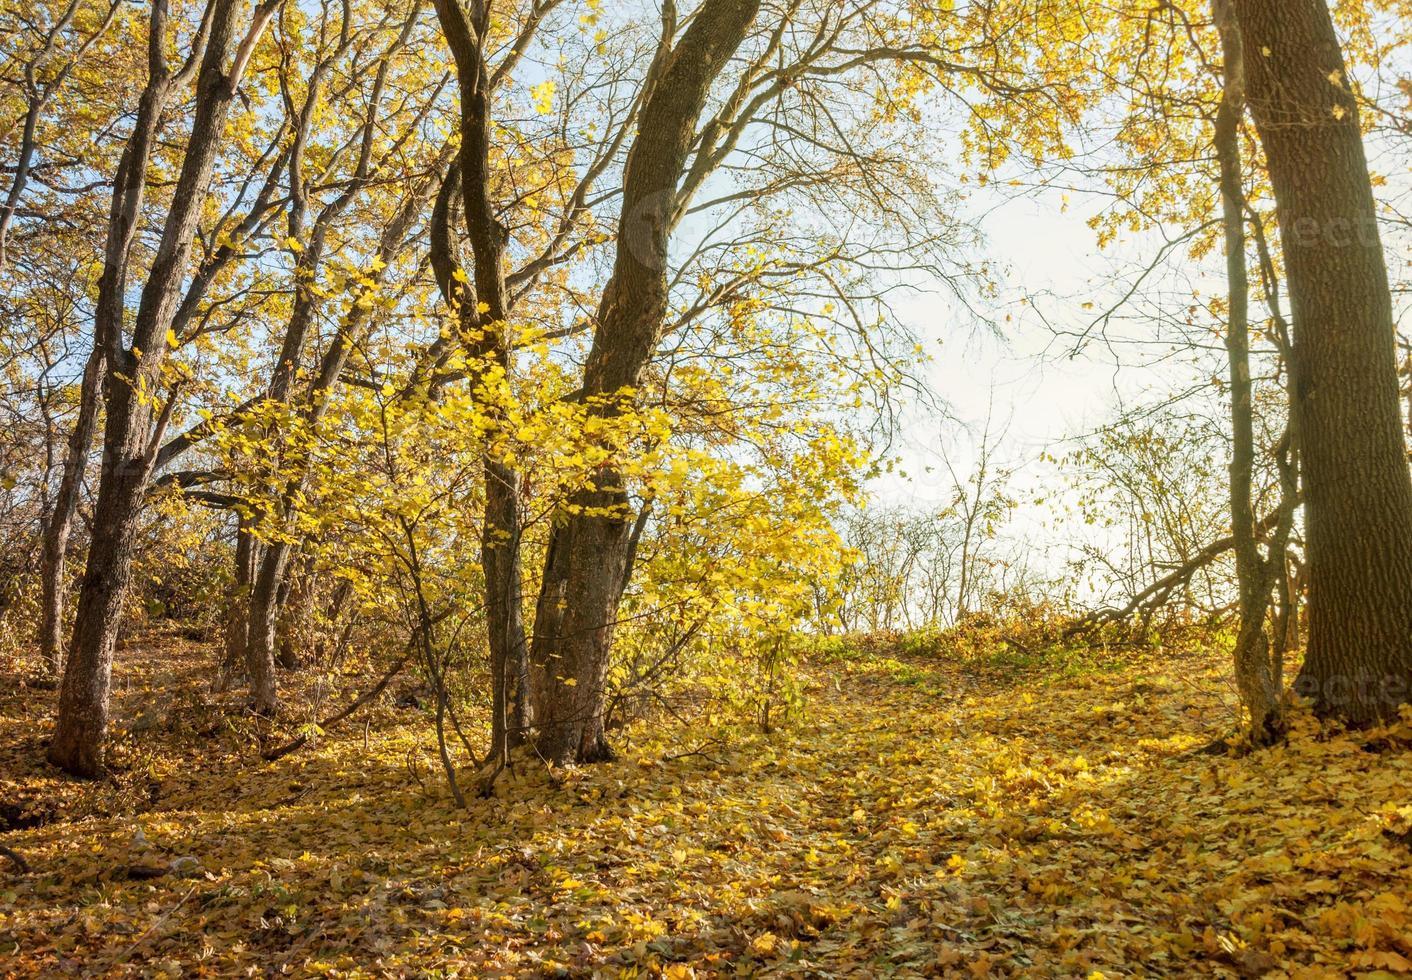 passeggiata nella foresta d'autunno foto